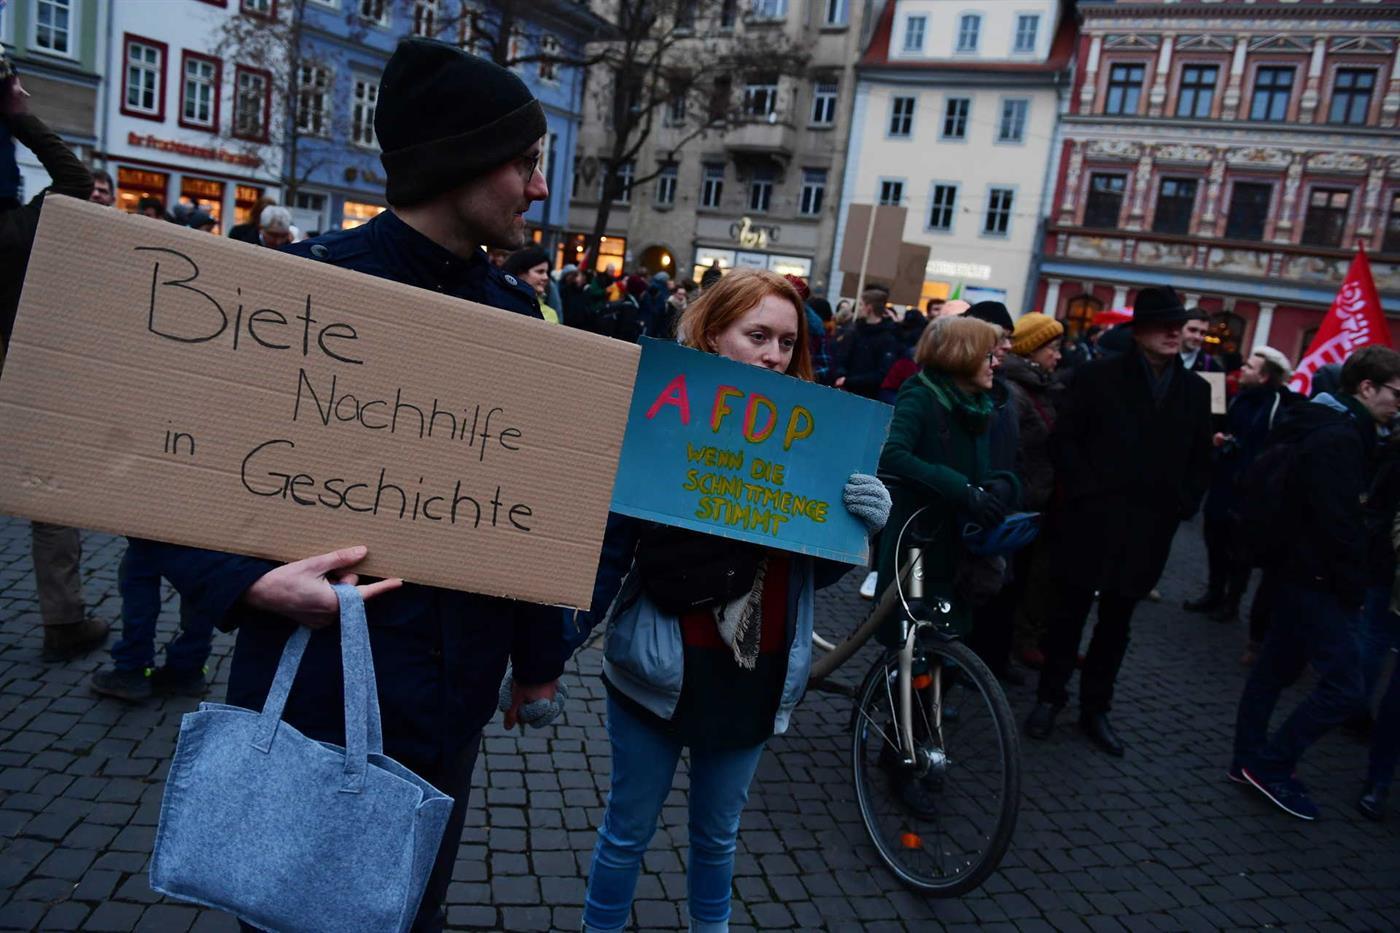 Em Erfurt, capital da Turíngia, um manifestante oferece lições de história e a manifestante insurge-se